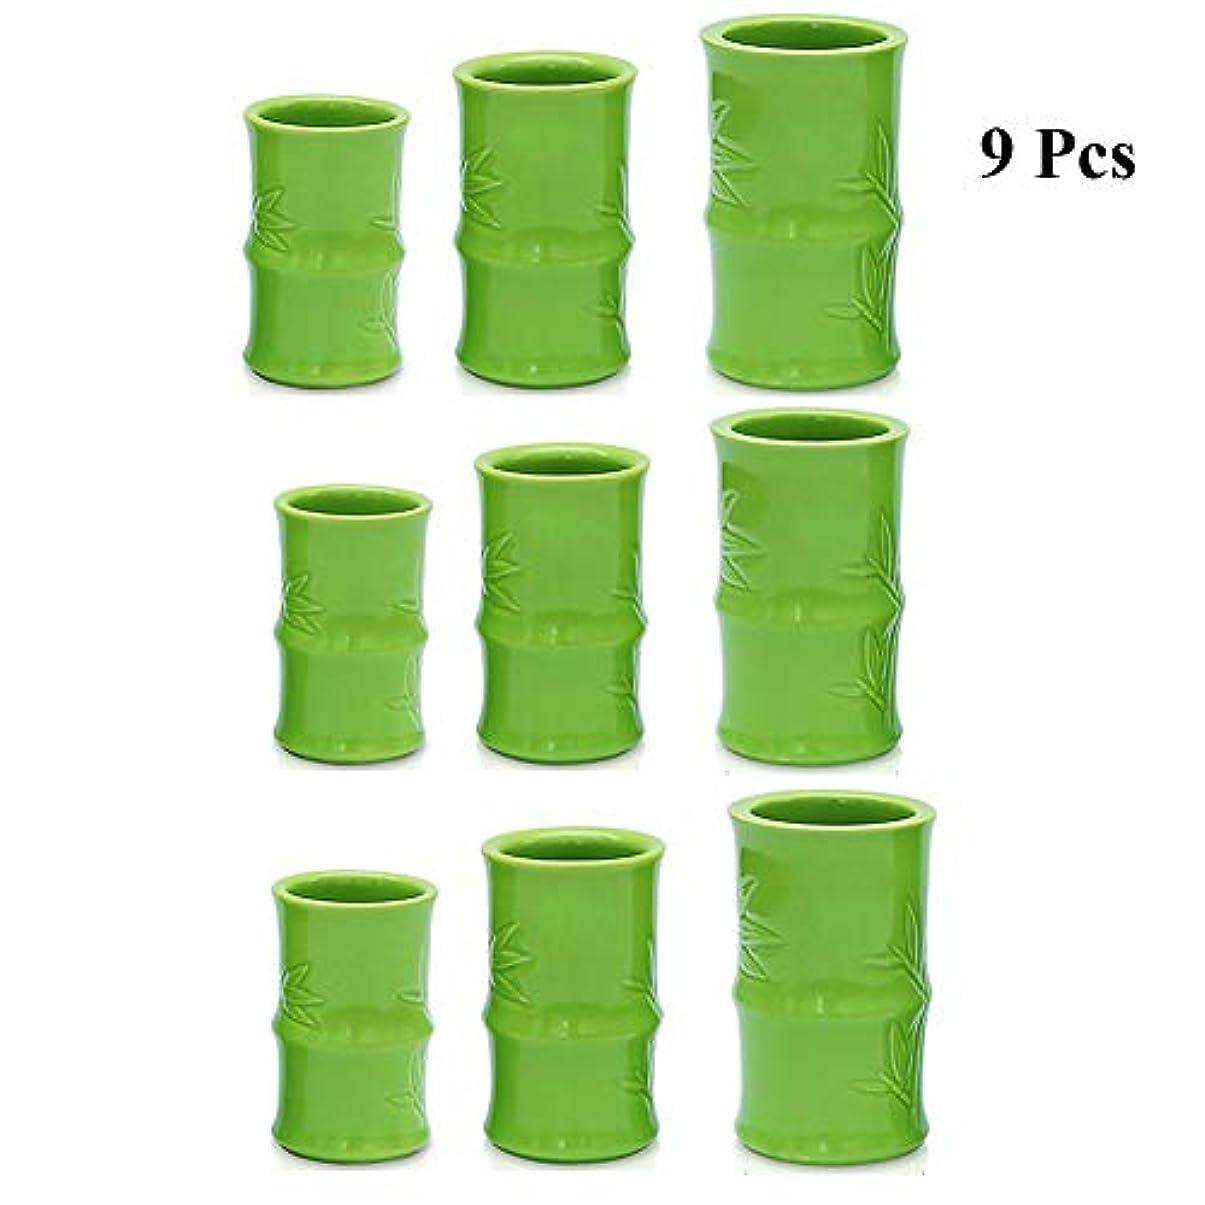 薬十一示す真空カッピングマッサージ缶 - セラミックスポットセラピーセット - 鍼ボディセラピーセット,C9pcs